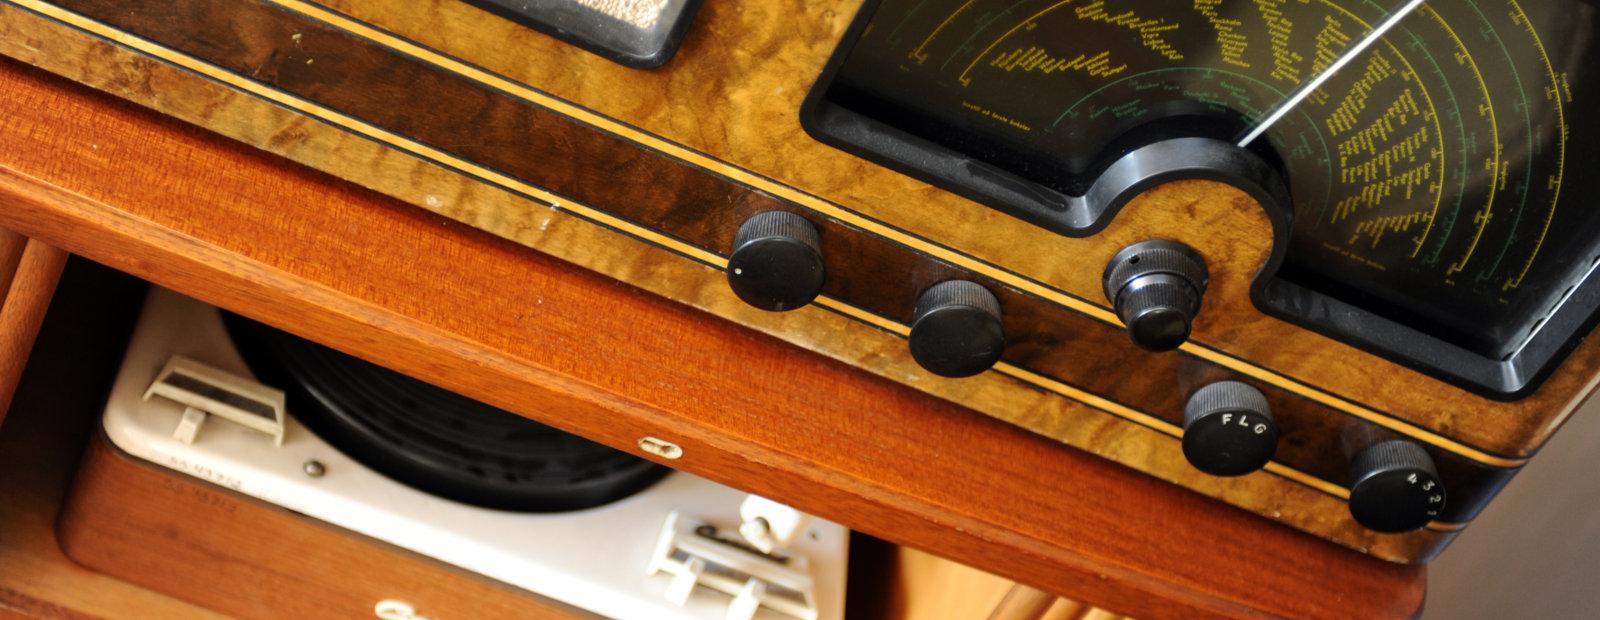 Gammel radio fra 50-tallet på Maihaugen, Lillehammer.